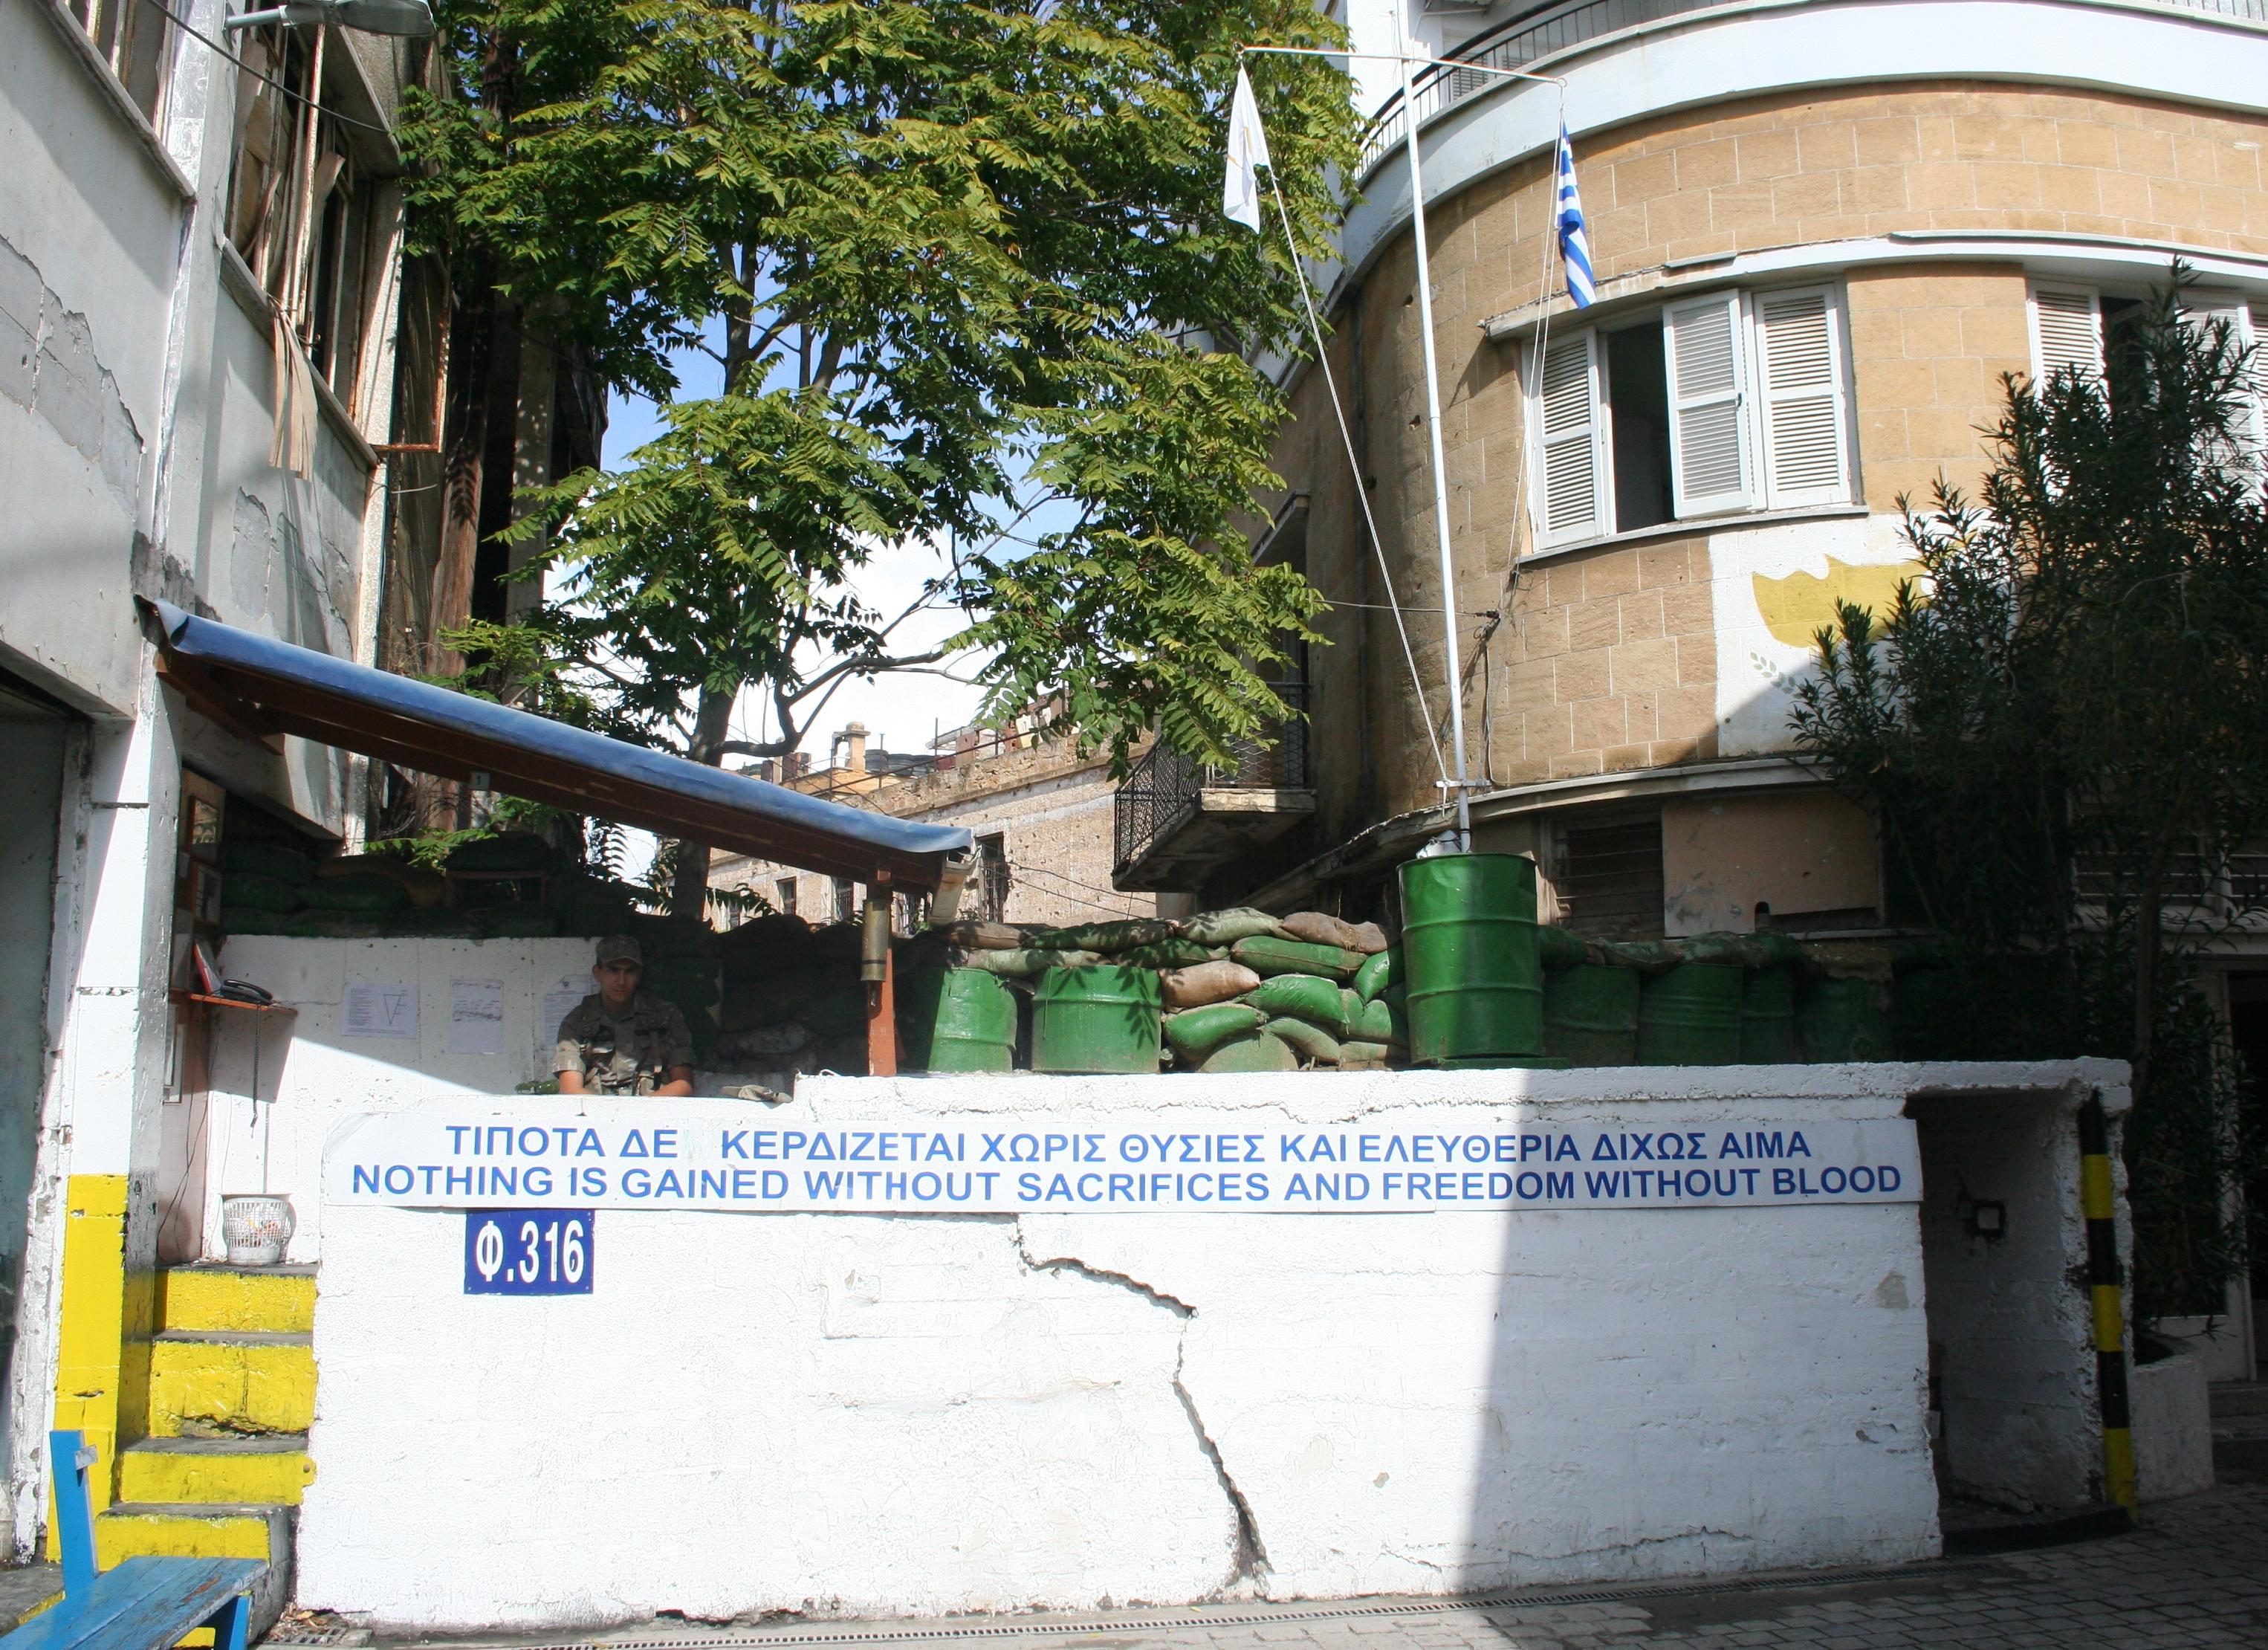 Il muro di Nicosia, altra questione spinosa per l'UE e la Turchia (commons.wikimedia.org)